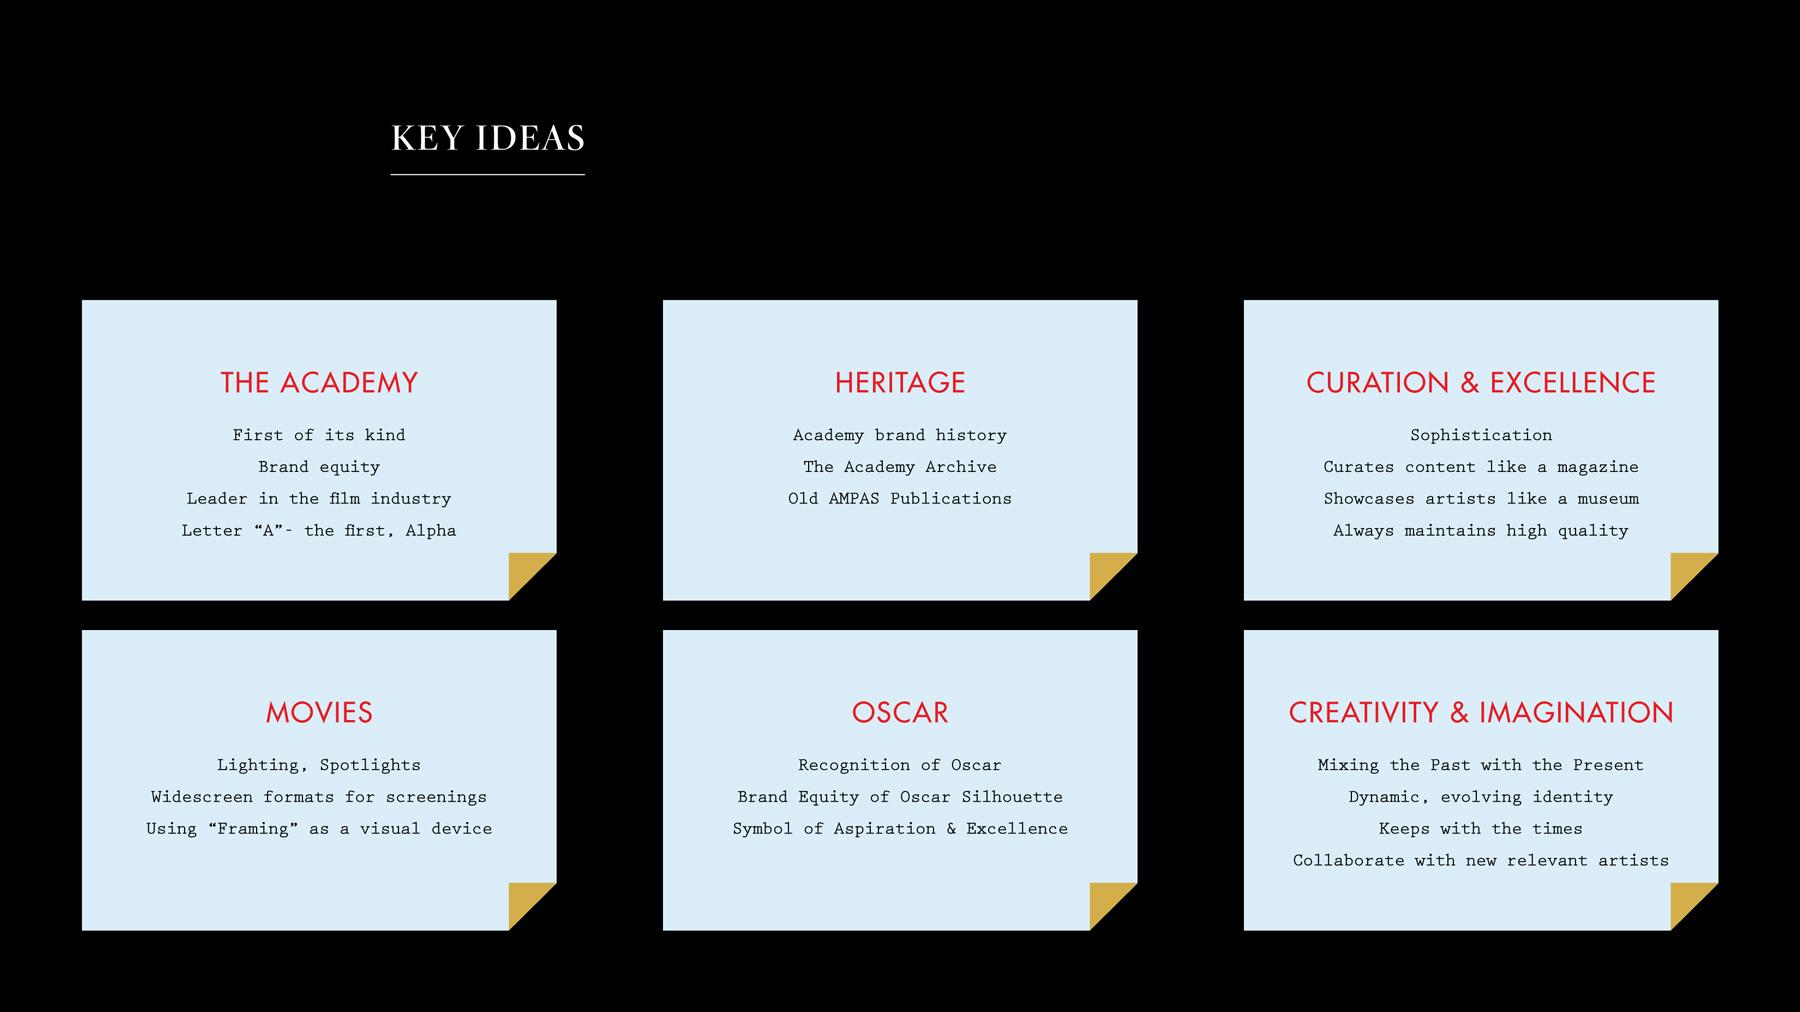 the_academy_key_ideas